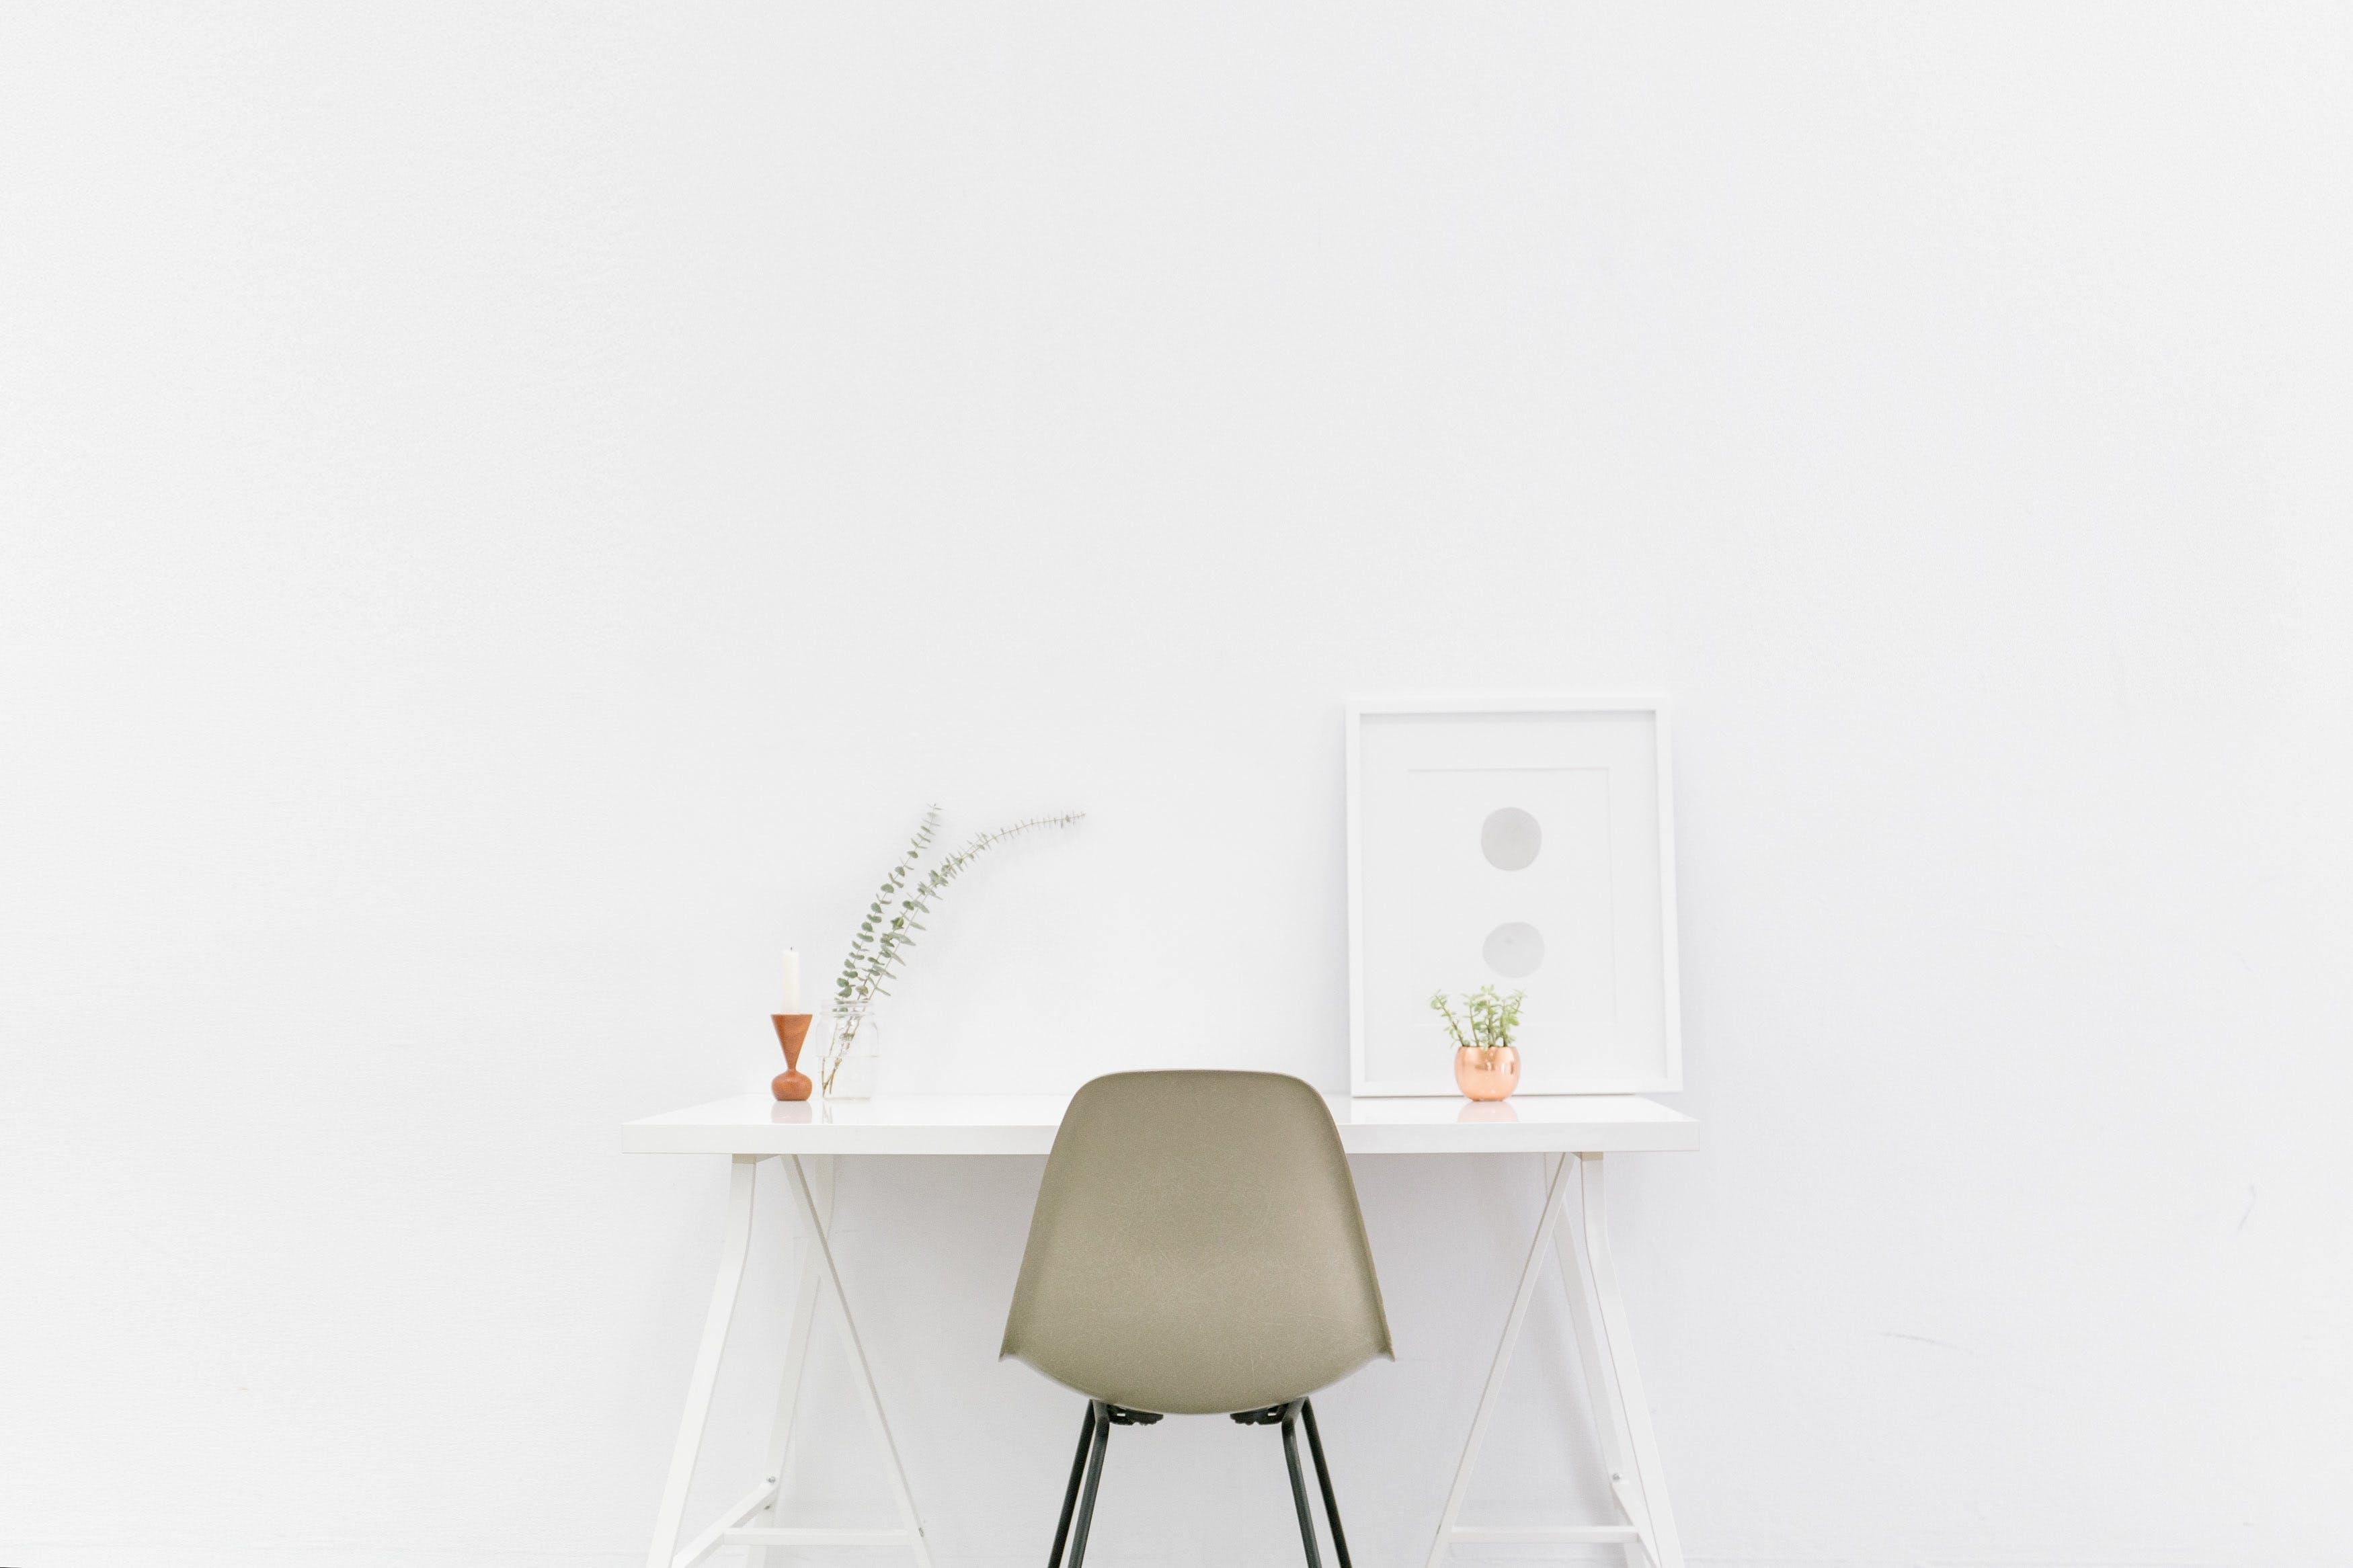 Kostenloses Stock Foto zu licht, schreibtisch, mauer, tisch